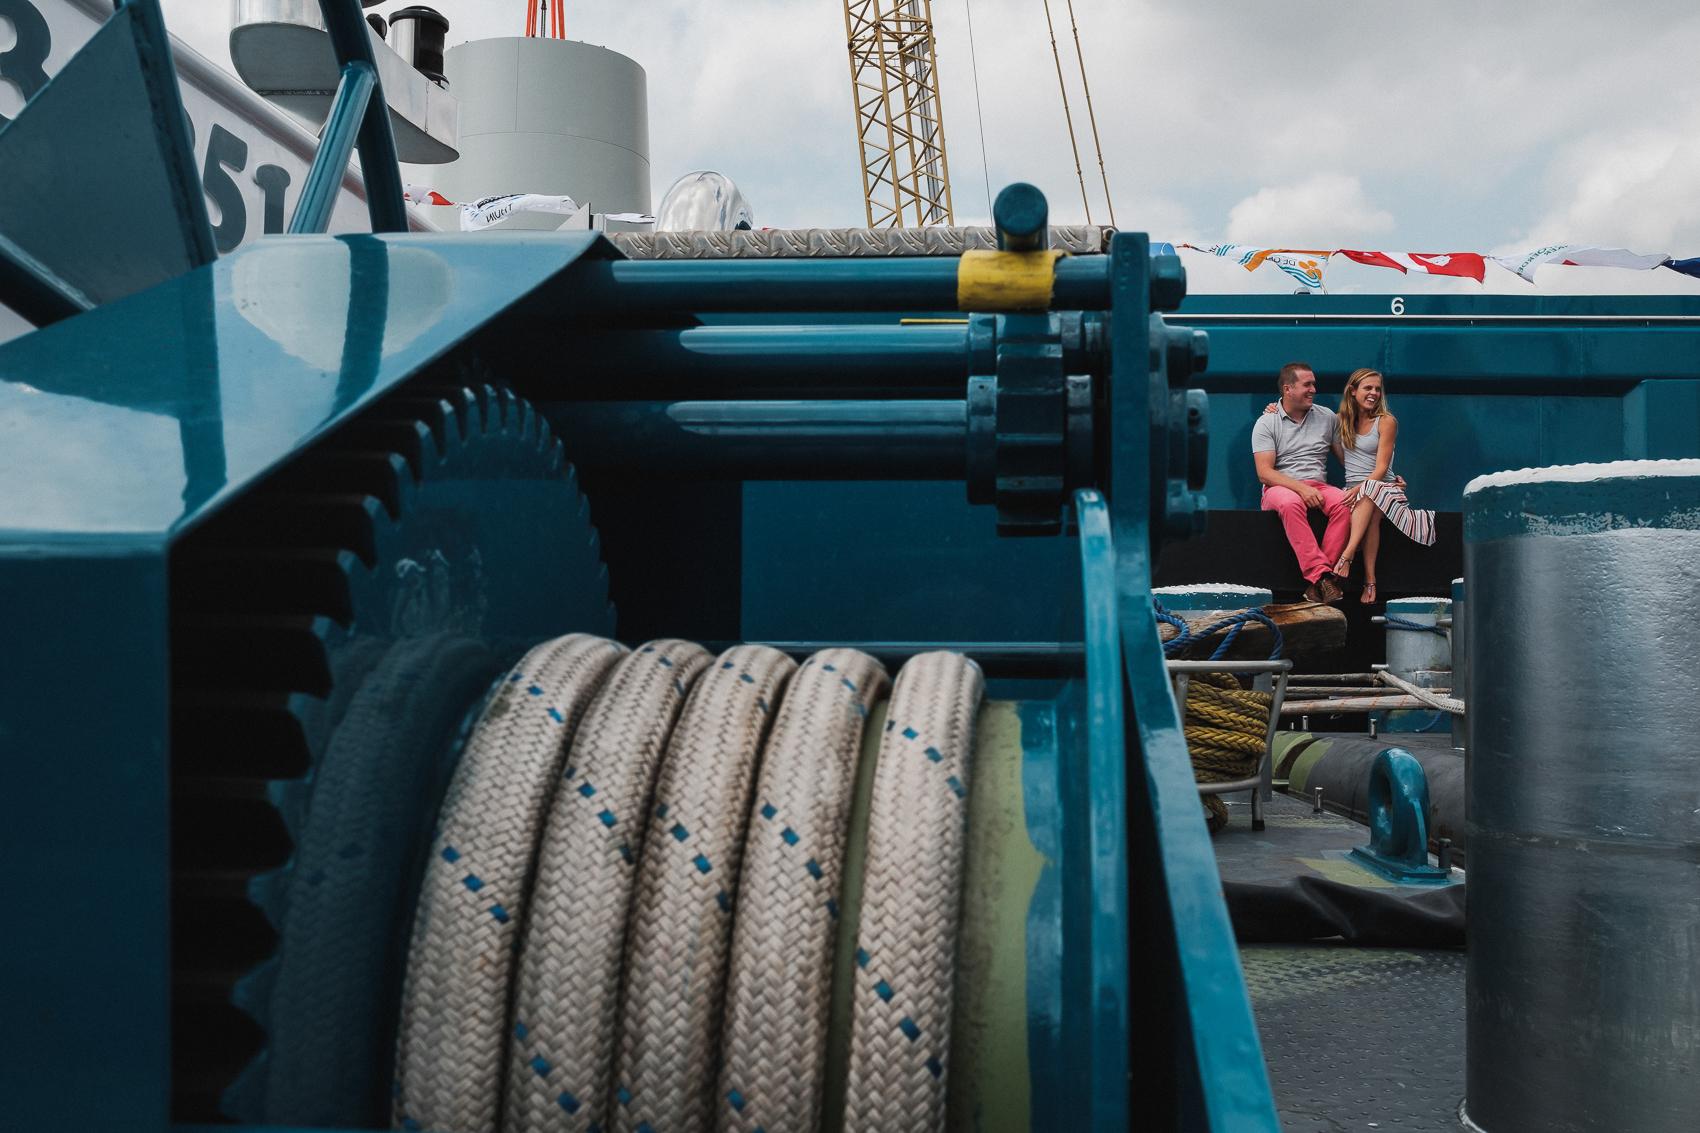 iso800 - huwleijksfotograaf Jill en Wesley Antwerpen-4.jpg